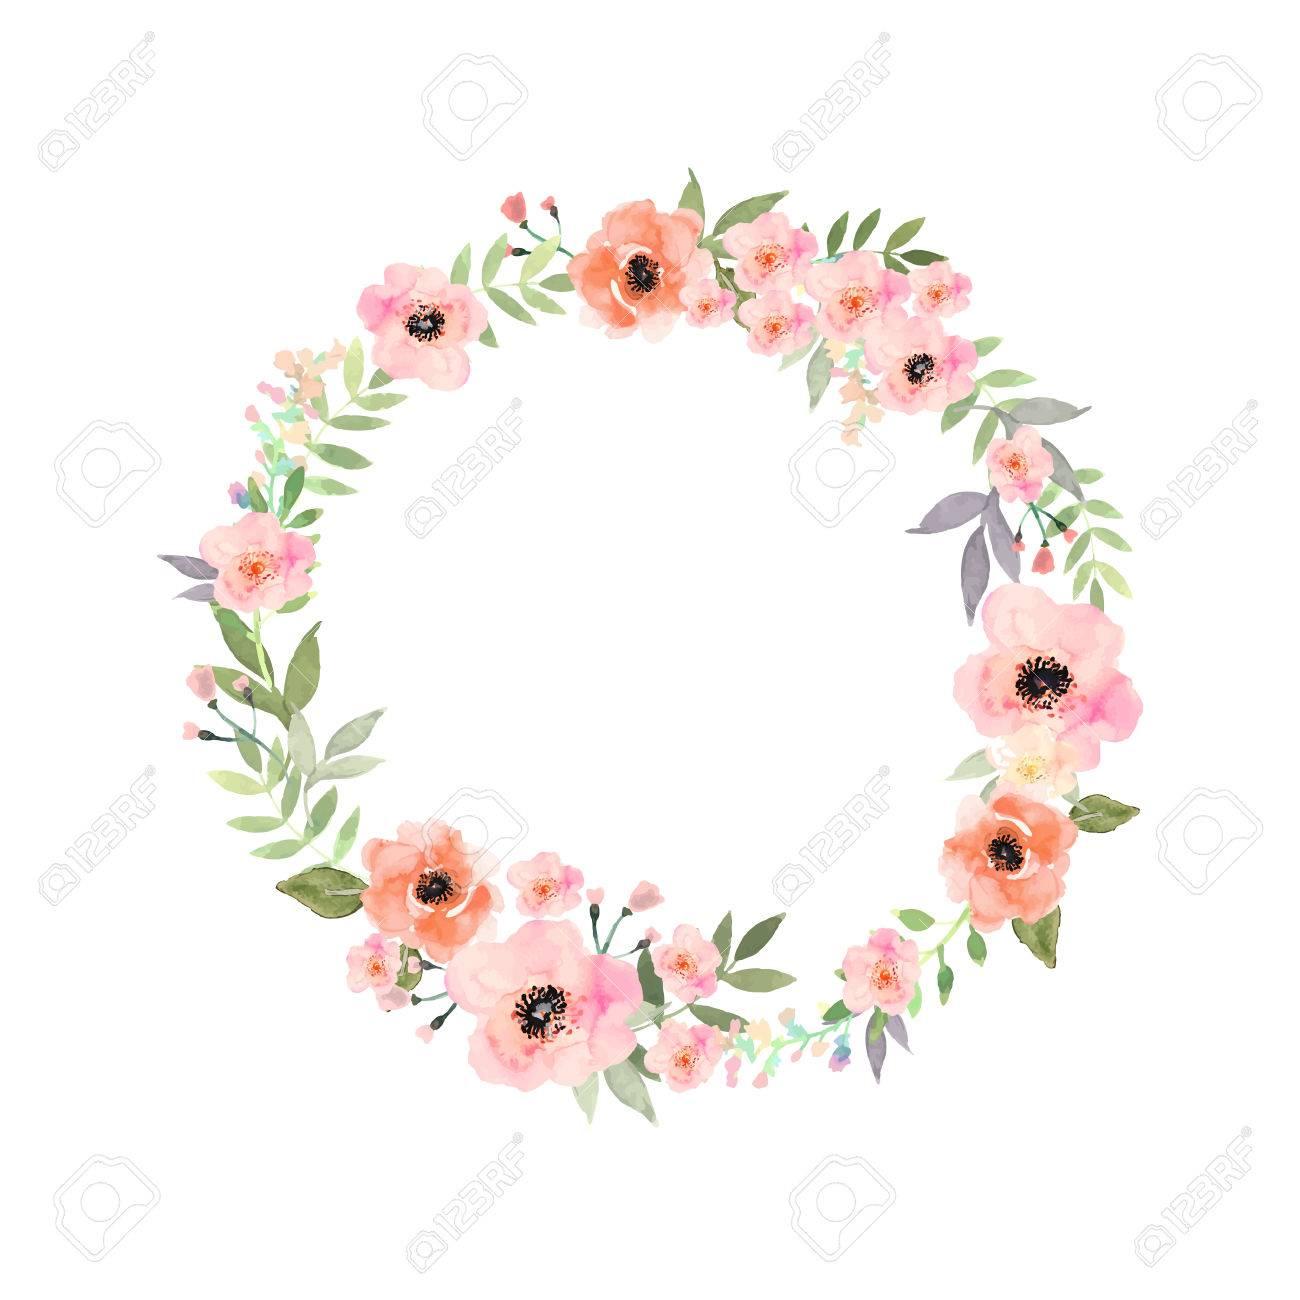 Blumen Gesetzt Elegante Blumen Kollektion Mit Isolierten Blau Rosa